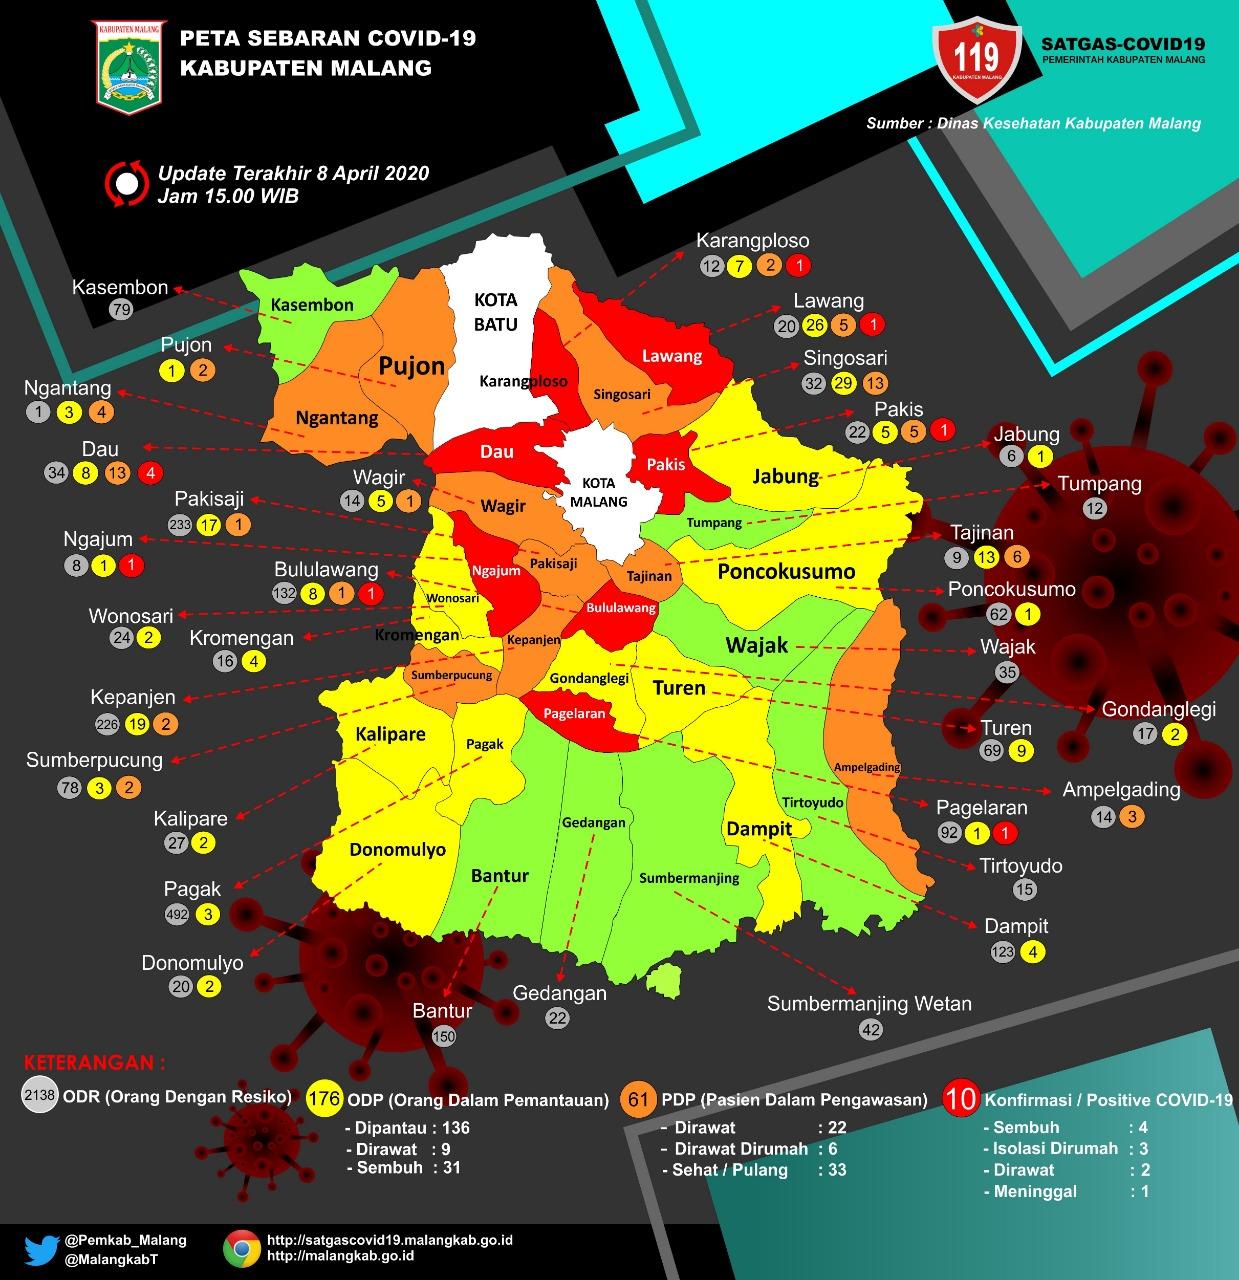 Tujuh Kecamatan Di Kabupaten Malang Masuk Zona Merah Beritalima Com